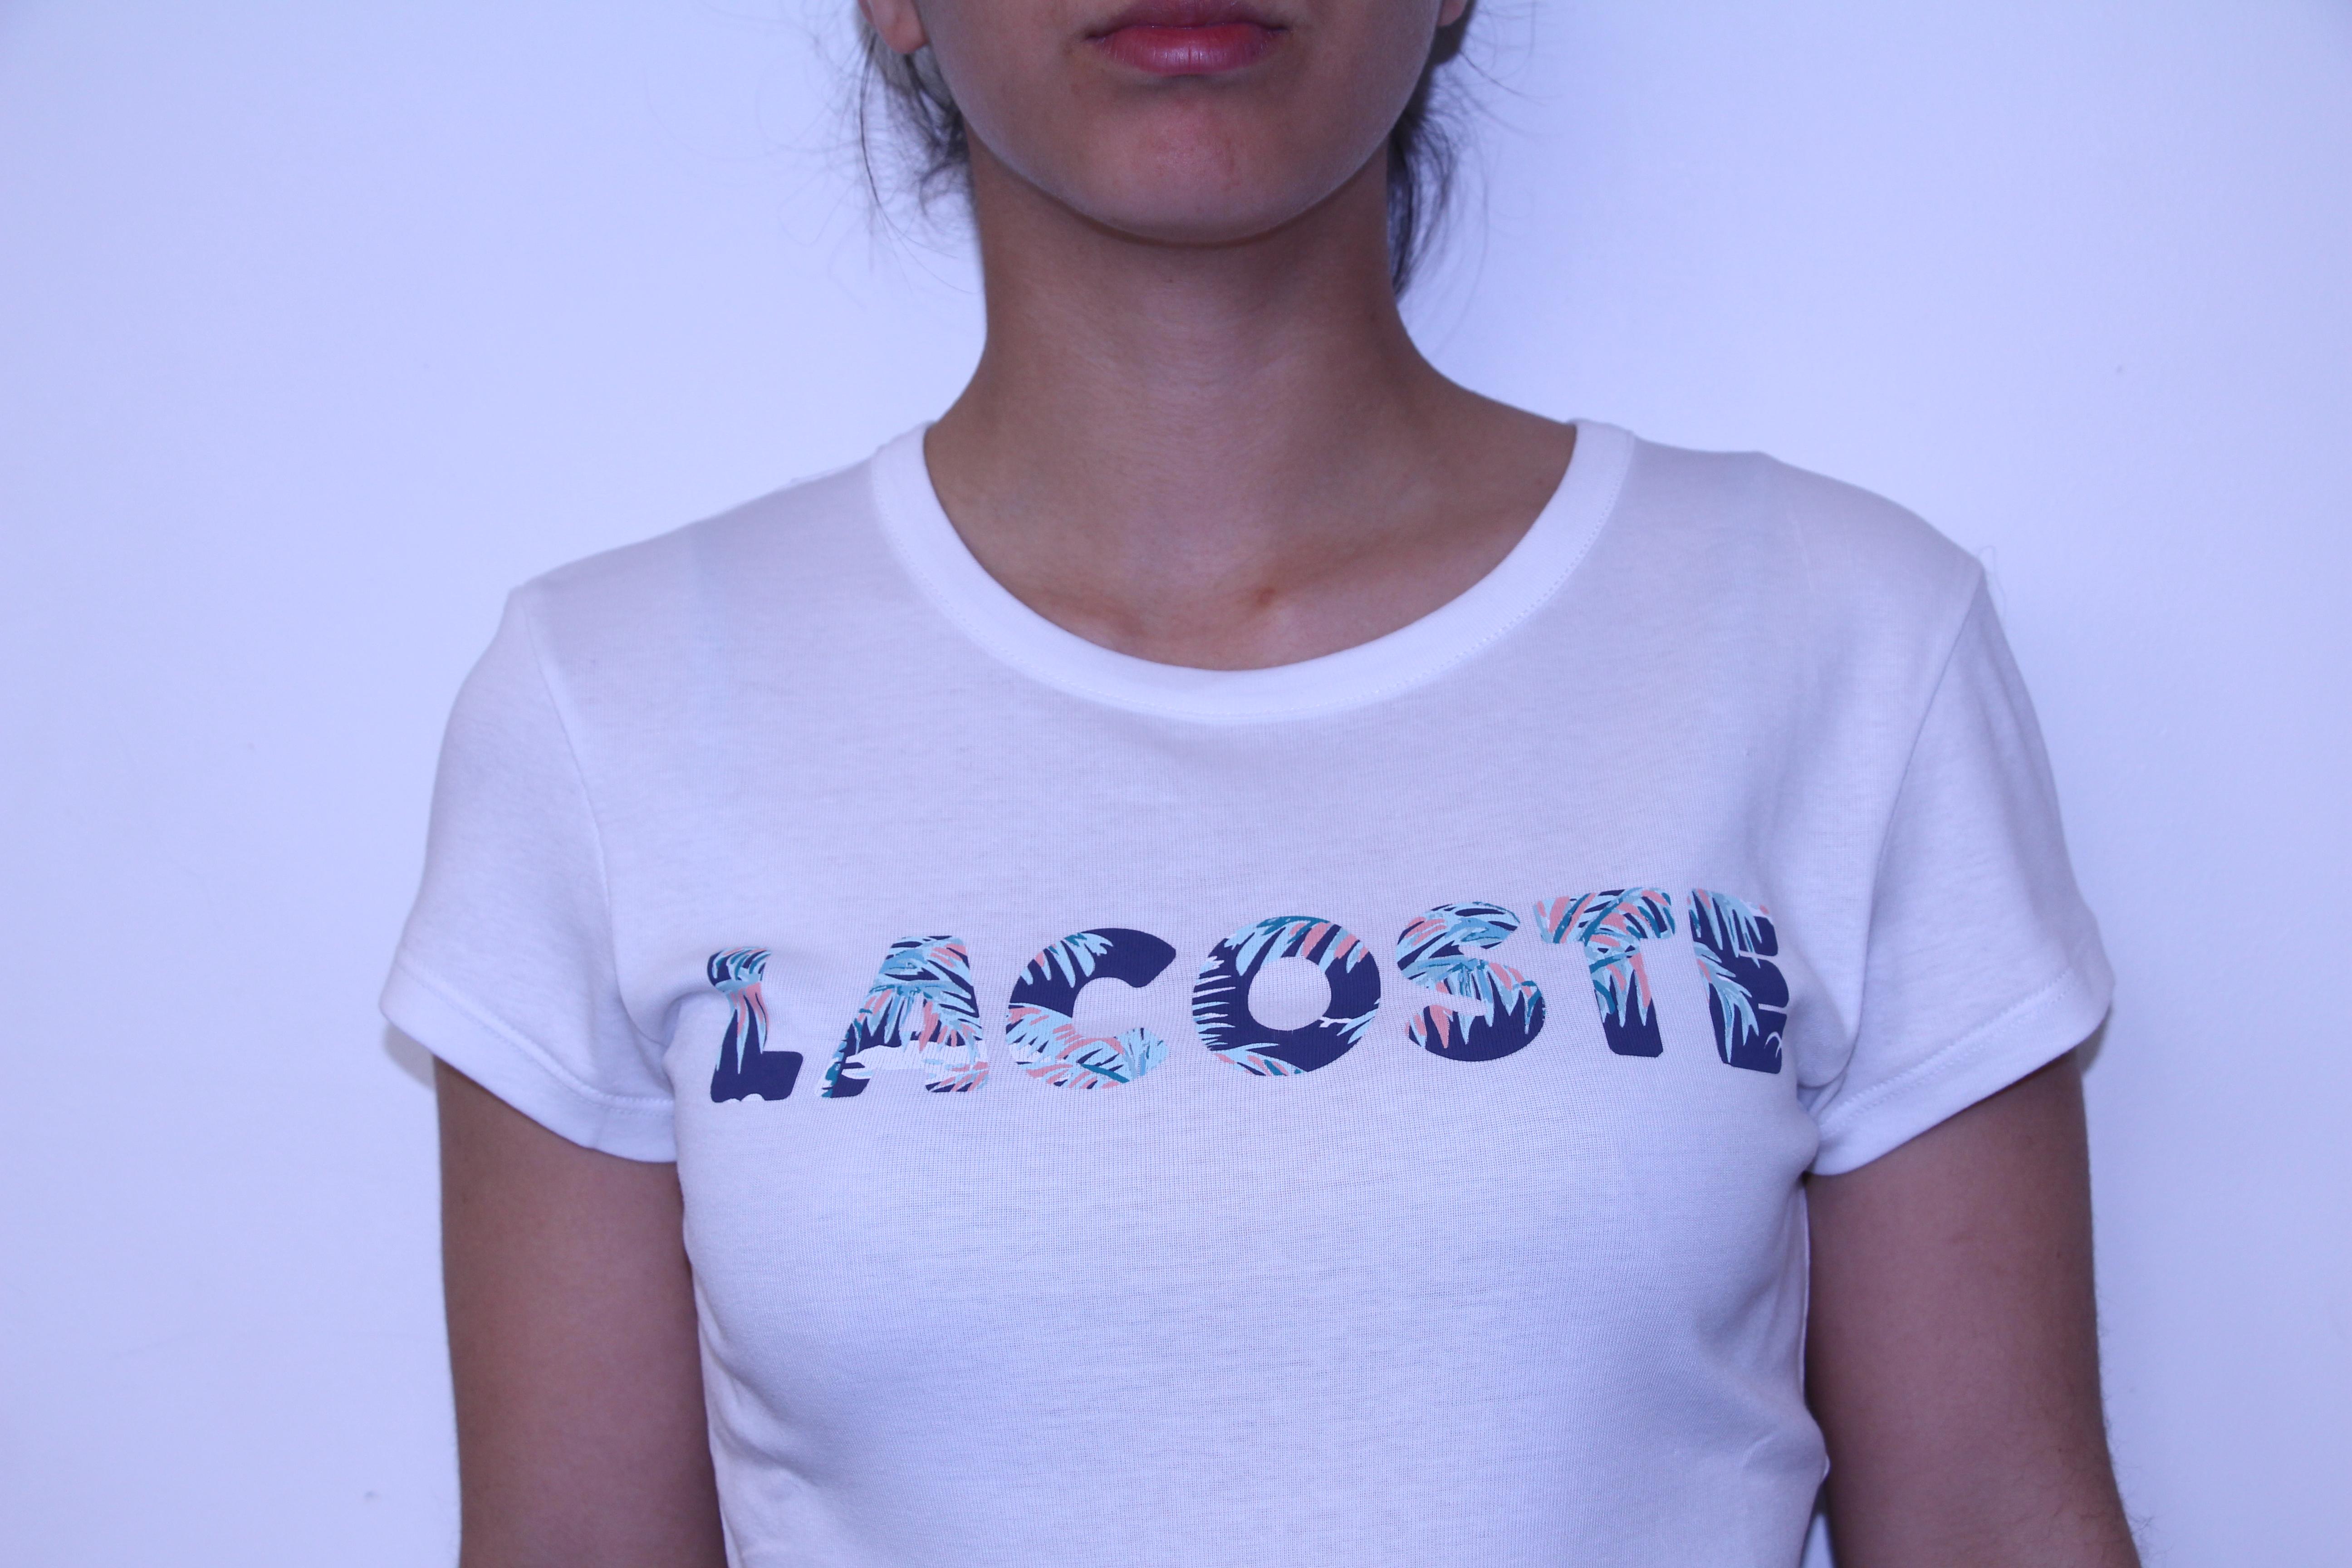 LACOSTE Tee-shirt imprimé Palmier - SPORT